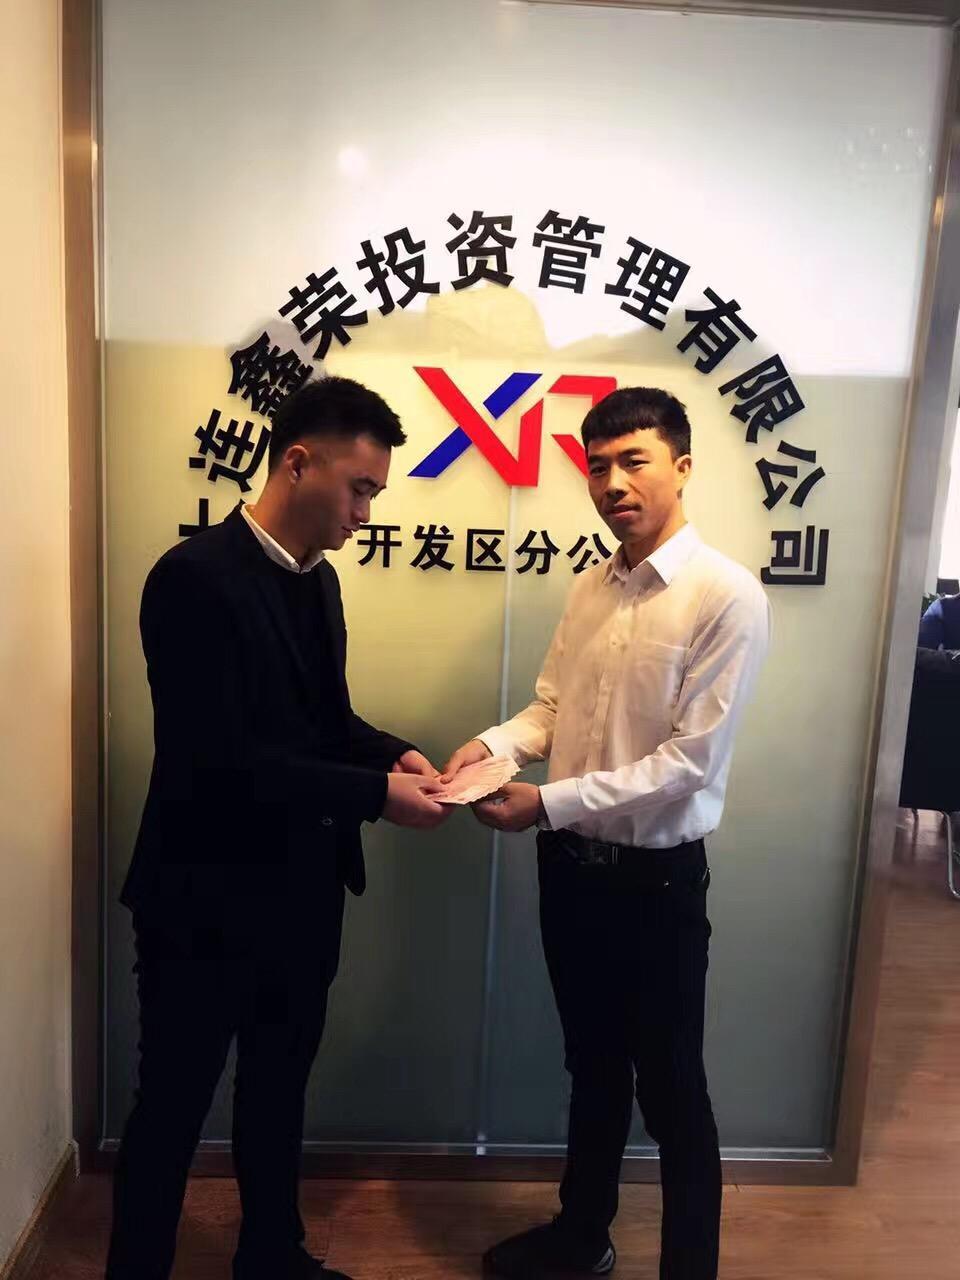 大连鑫荣投资管理有限公司